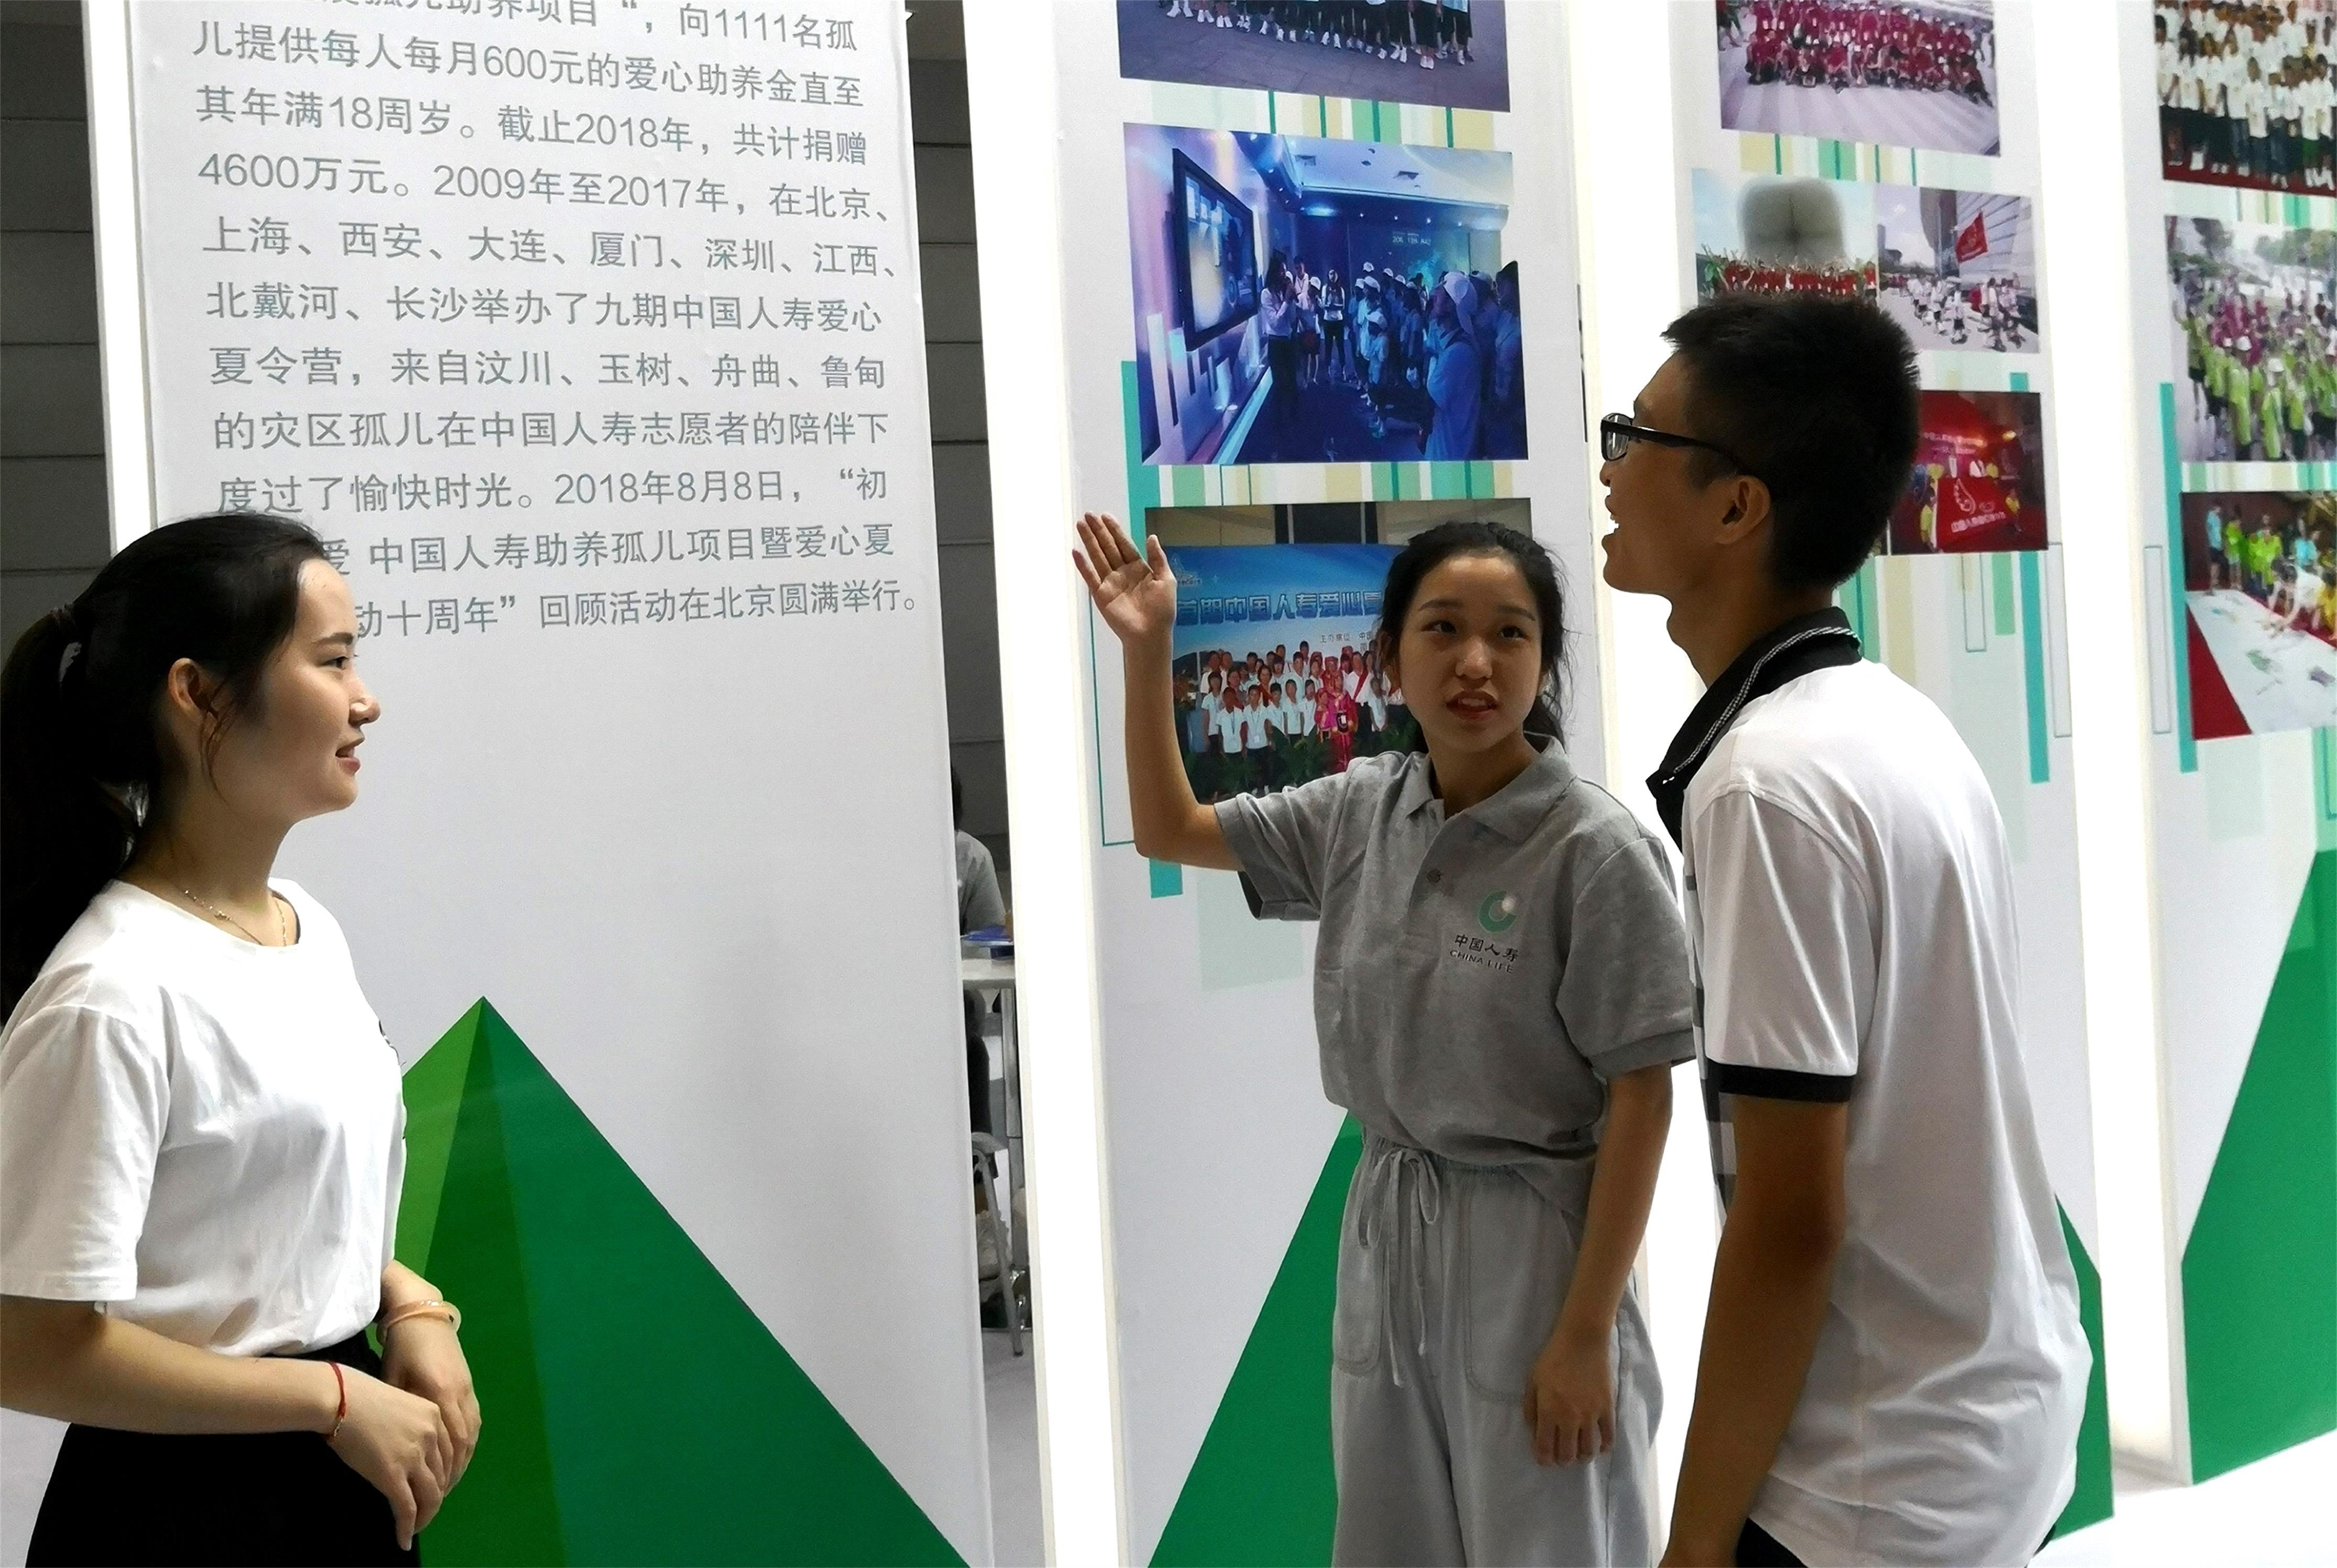 中国人寿工作人员现场介绍-2